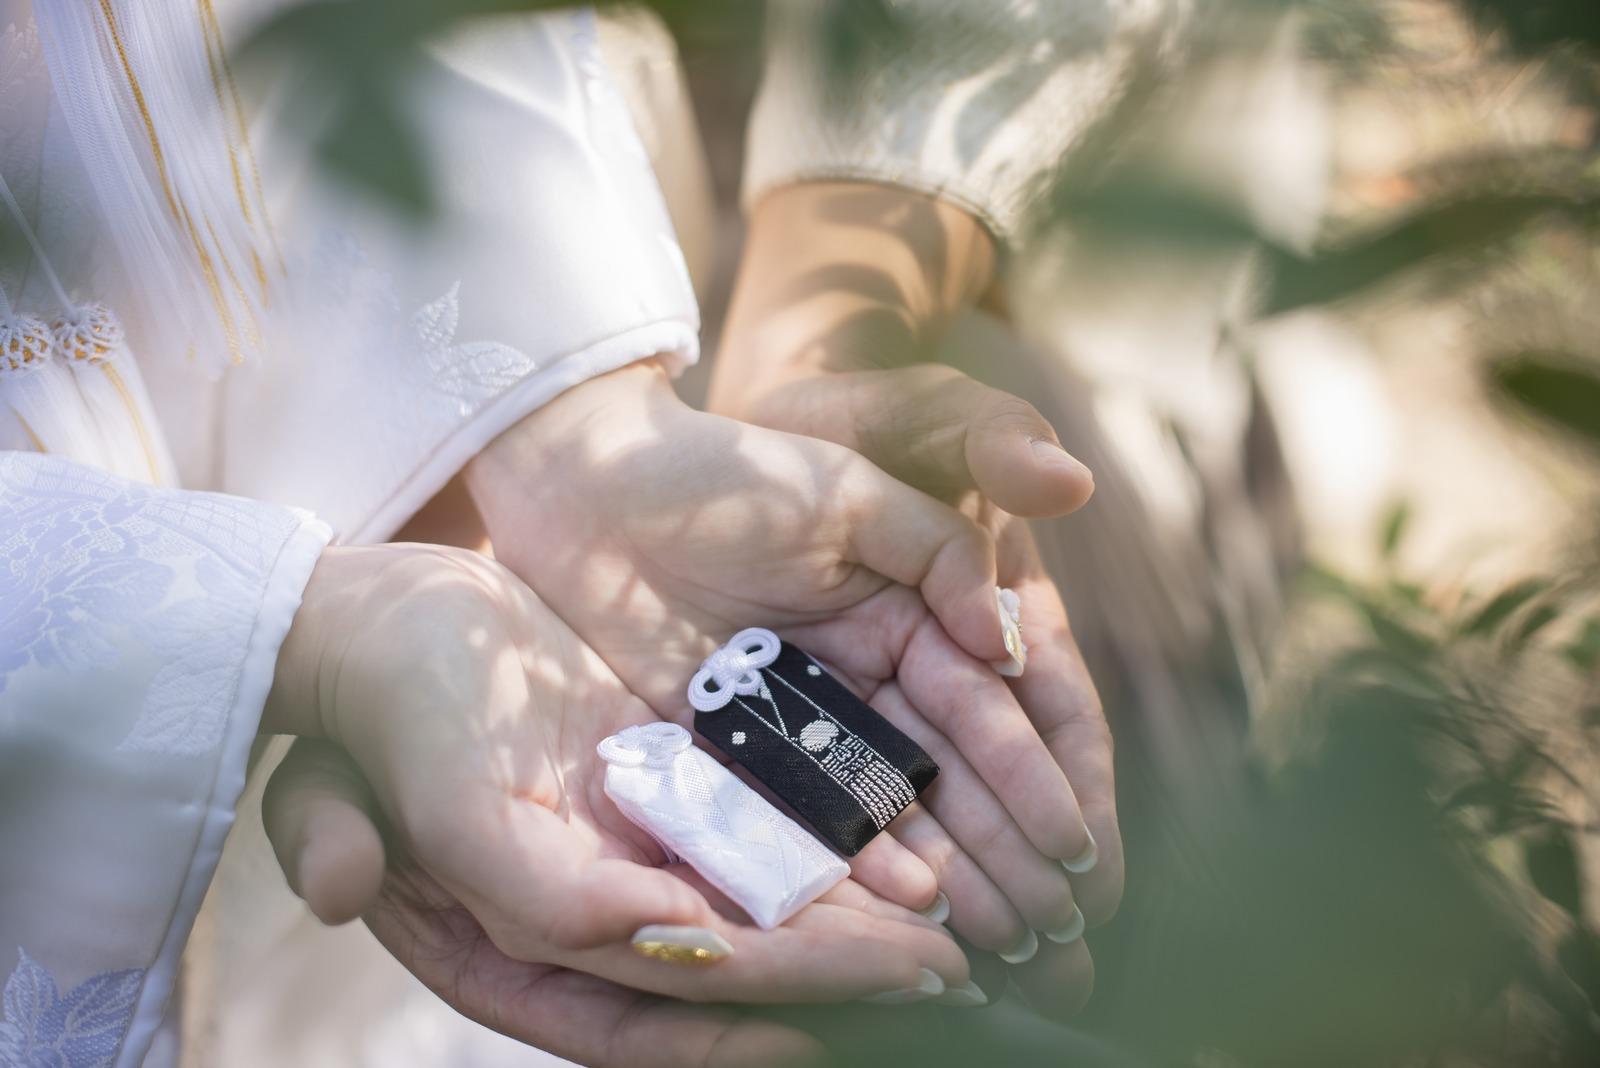 徳島市の結婚式場ブランアンジュで披露宴を行う前に挙式をした忌部神社で撮影したお守りの写真